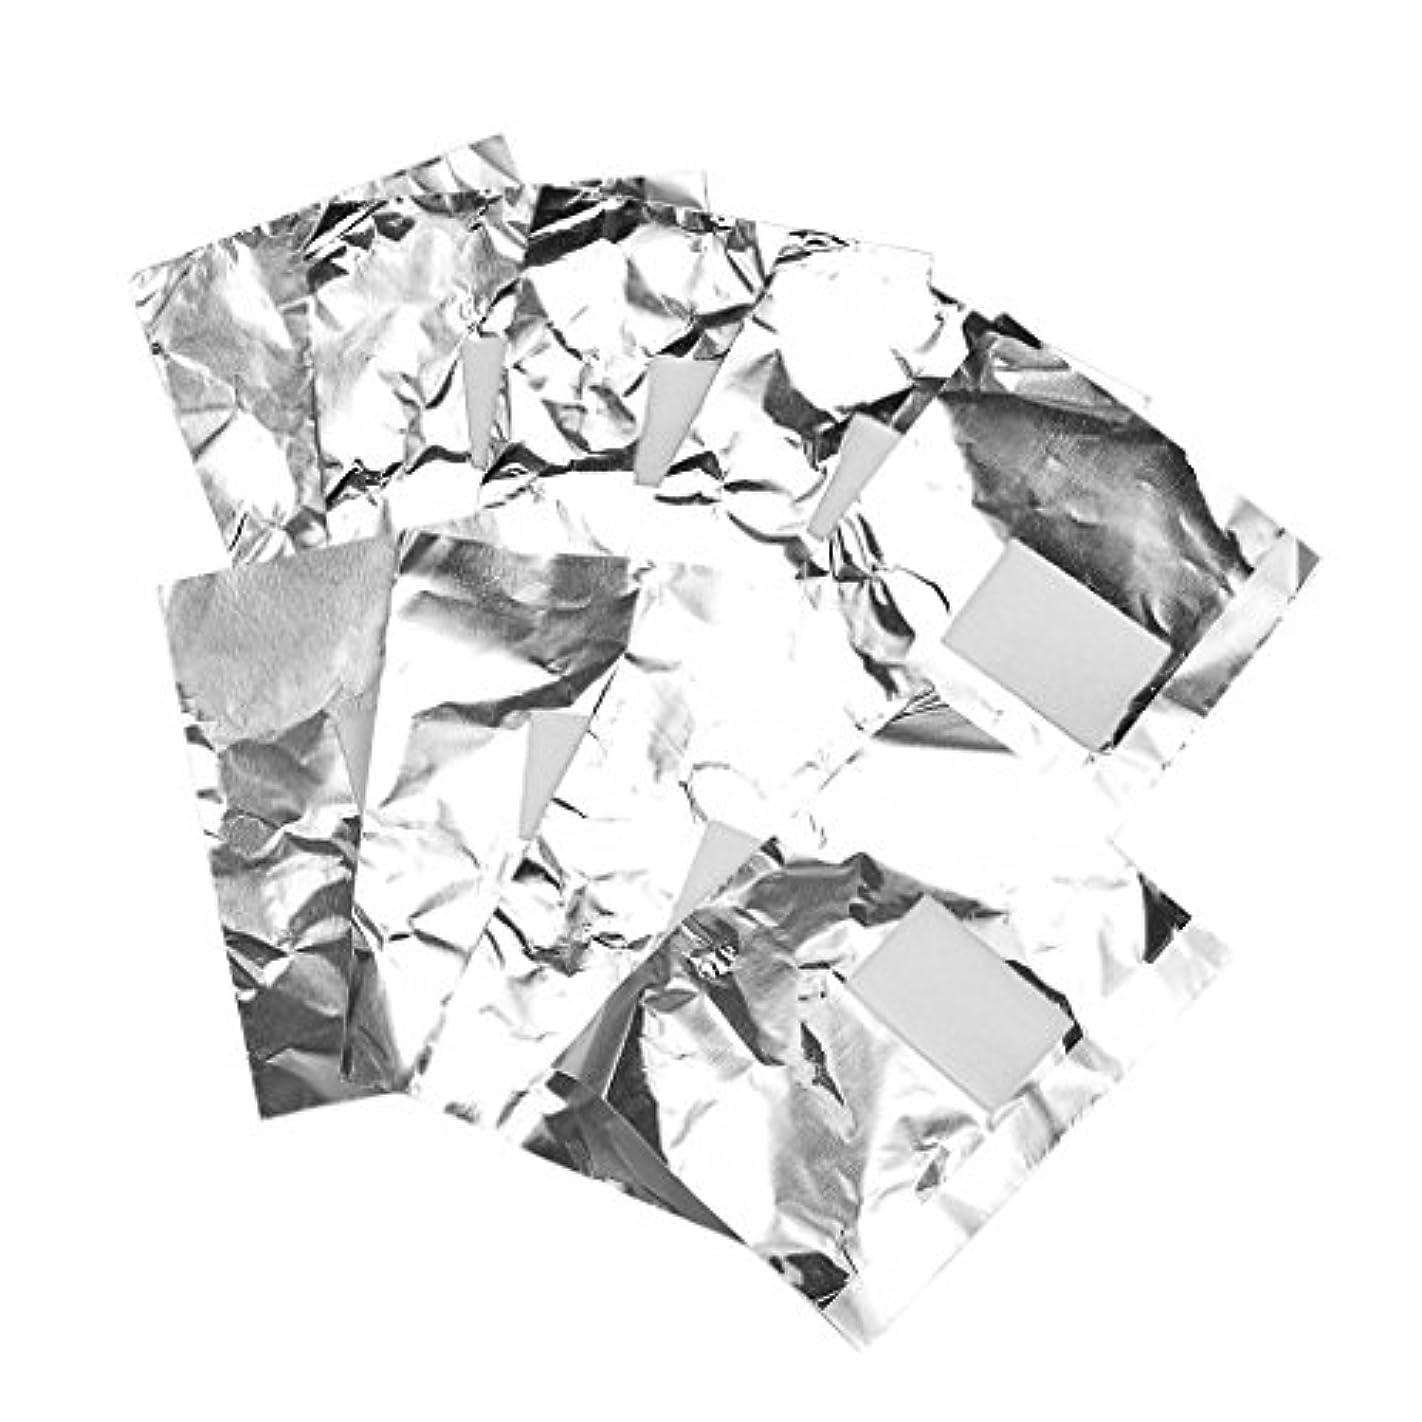 導体夏限界約100枚 ジェル除却 ネイルアート 錫箔紙 のり除却可能 ネイルオイル クリーナーツール 爪装飾除き 包み紙